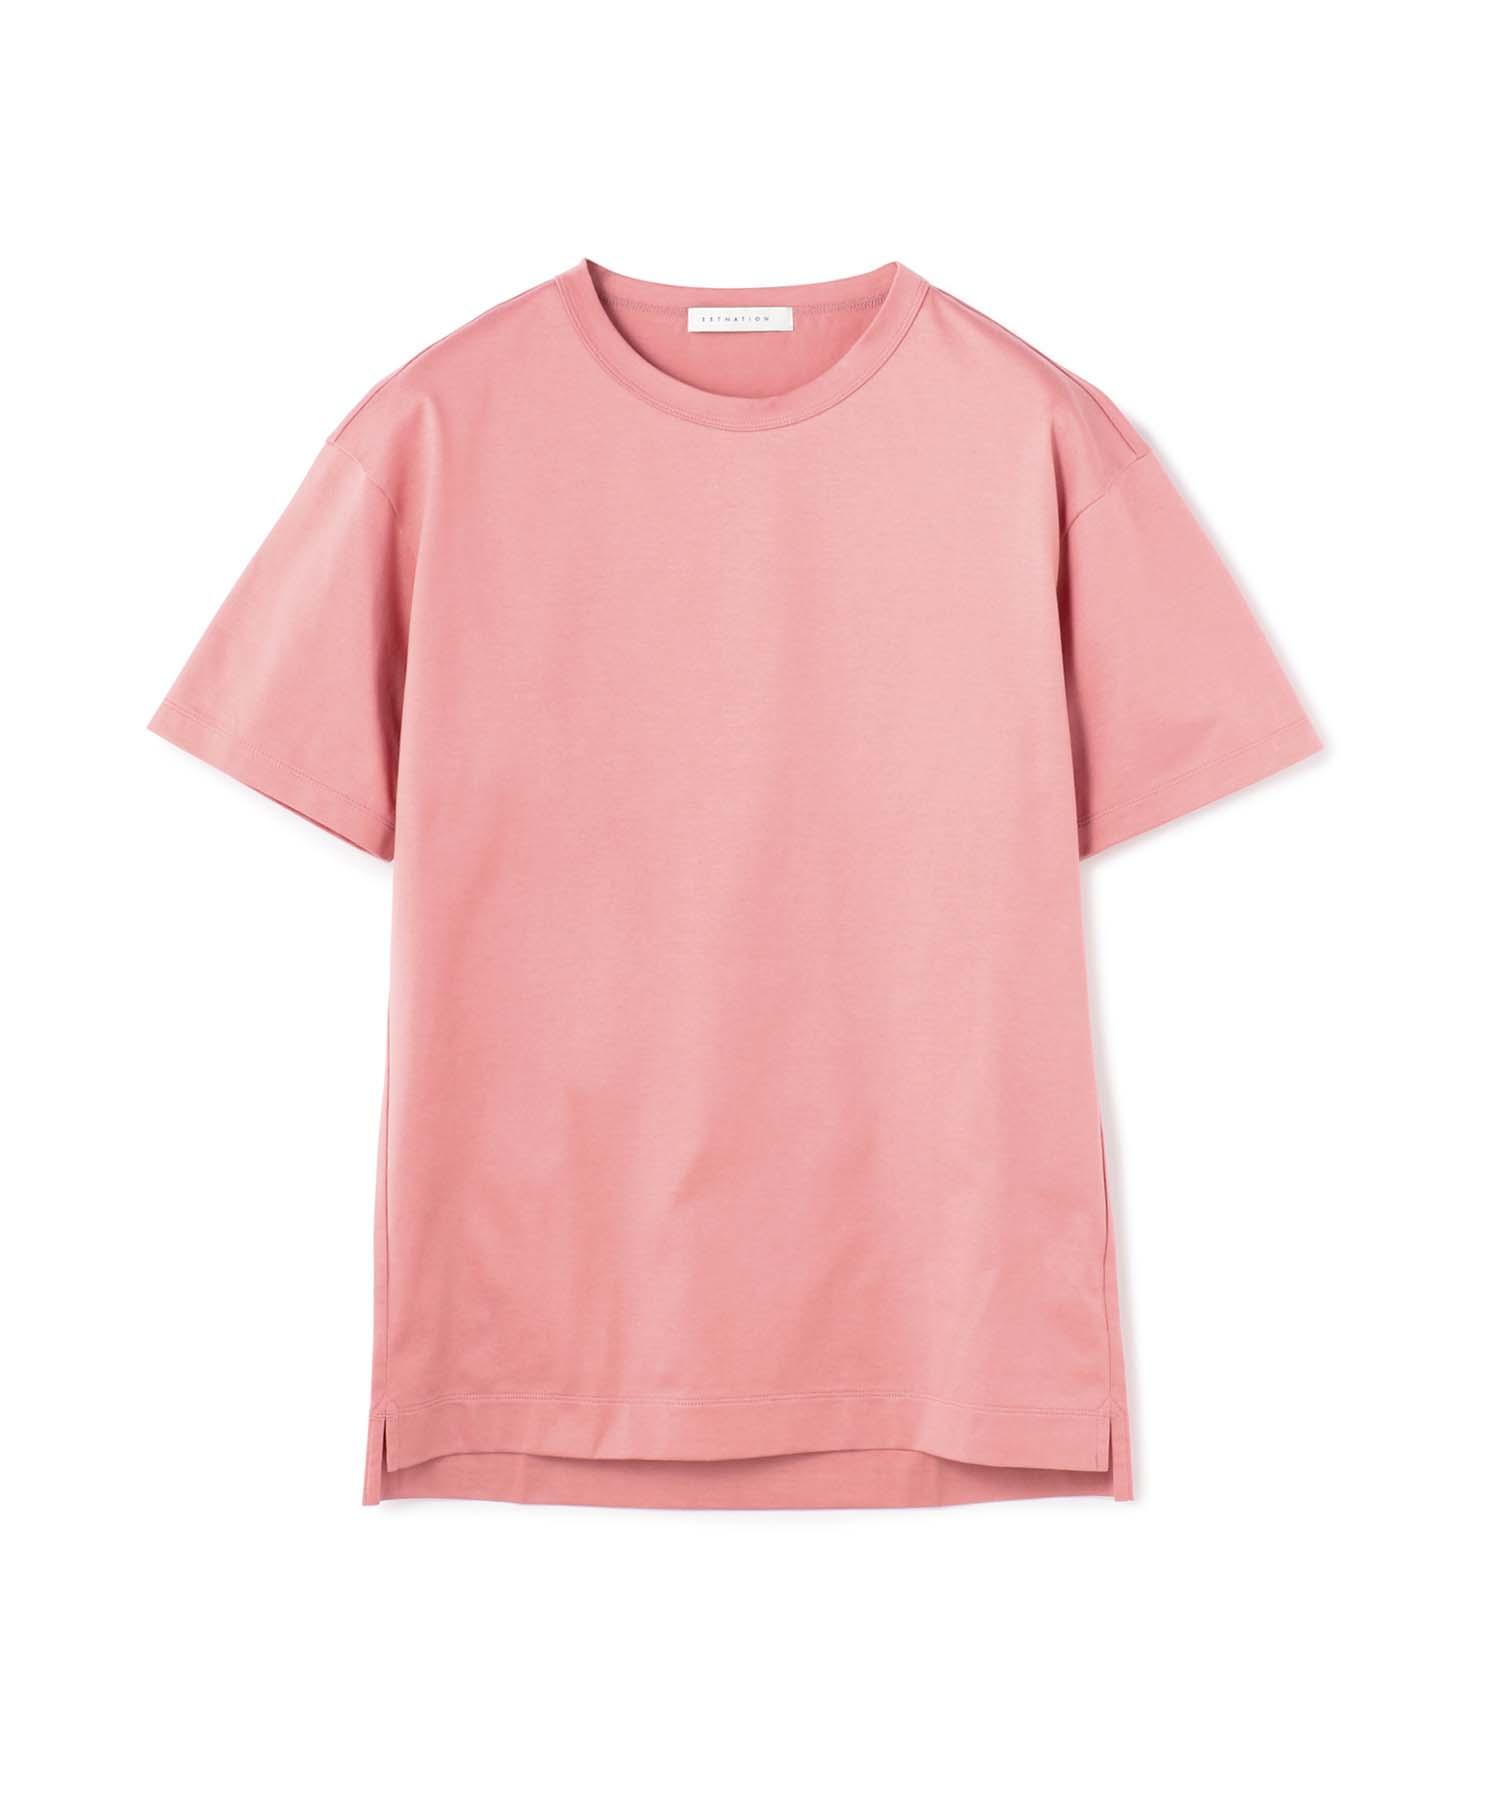 ESTNATION クリスタルジャージー半袖Tシャツ